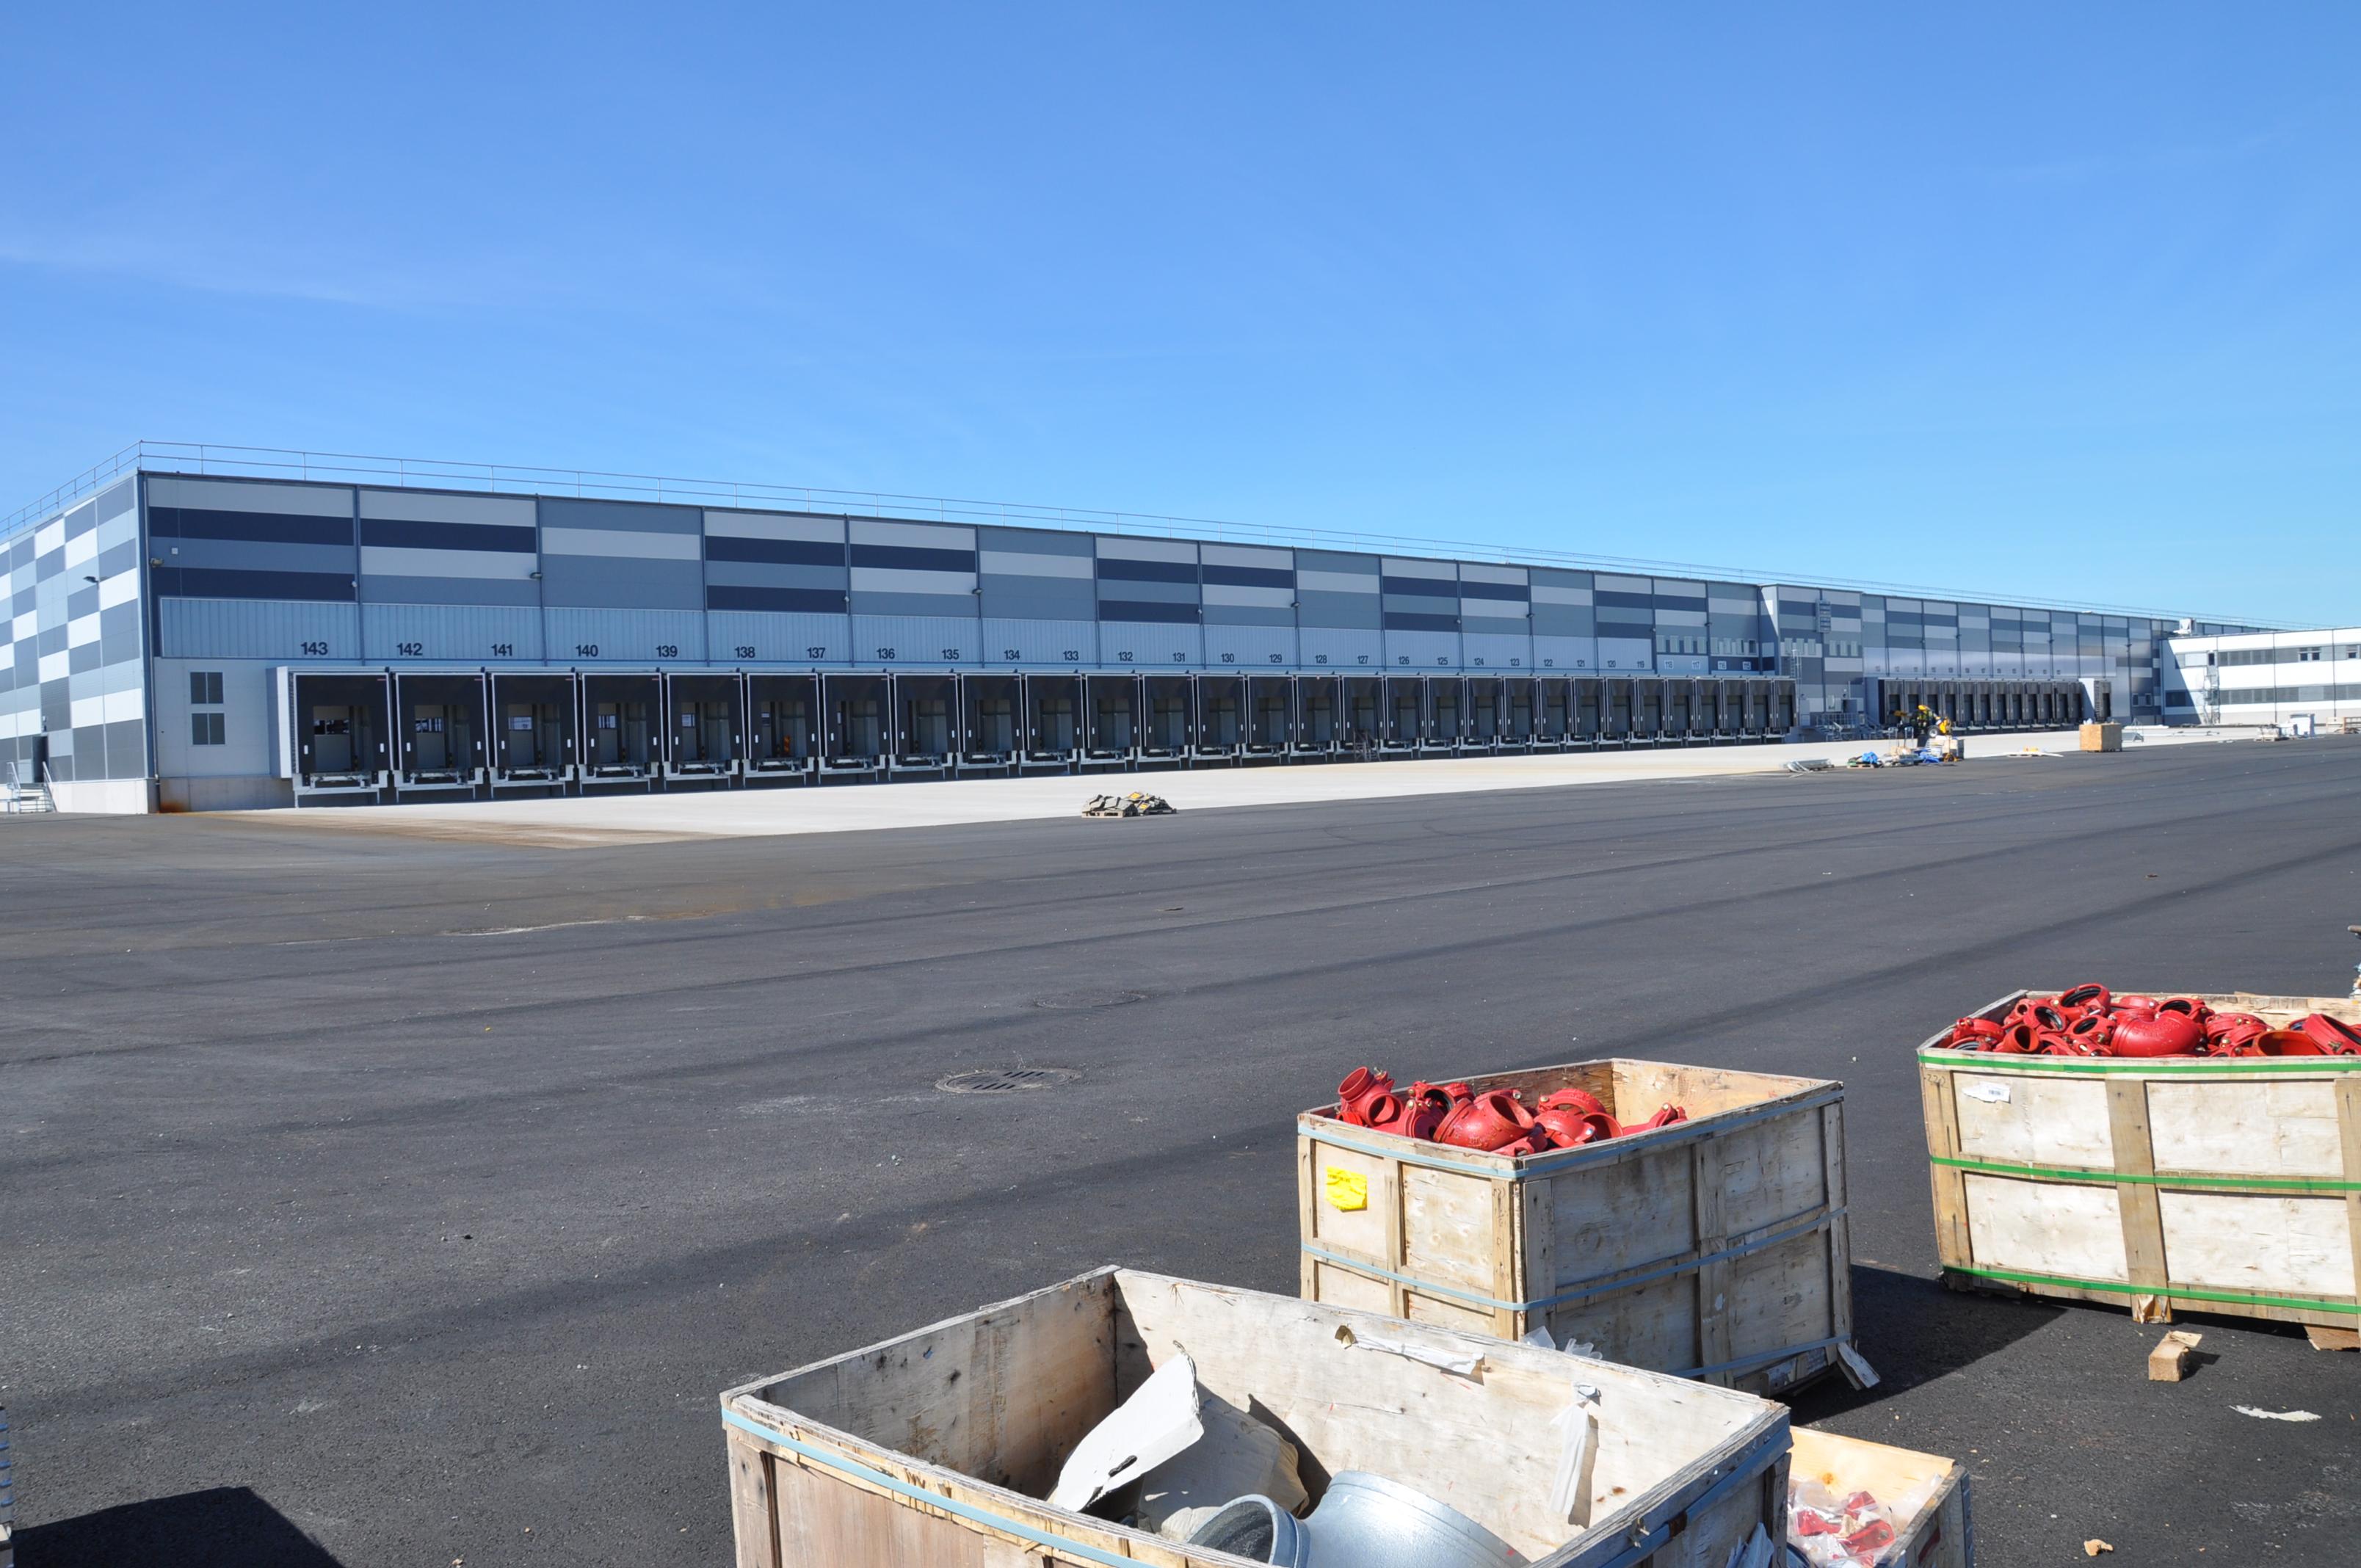 Lidls 45 000 kvm stora centrallager vid invigningen 2013. Ny byggs ett tredje centrallager i samma storleksklass i Örebro.